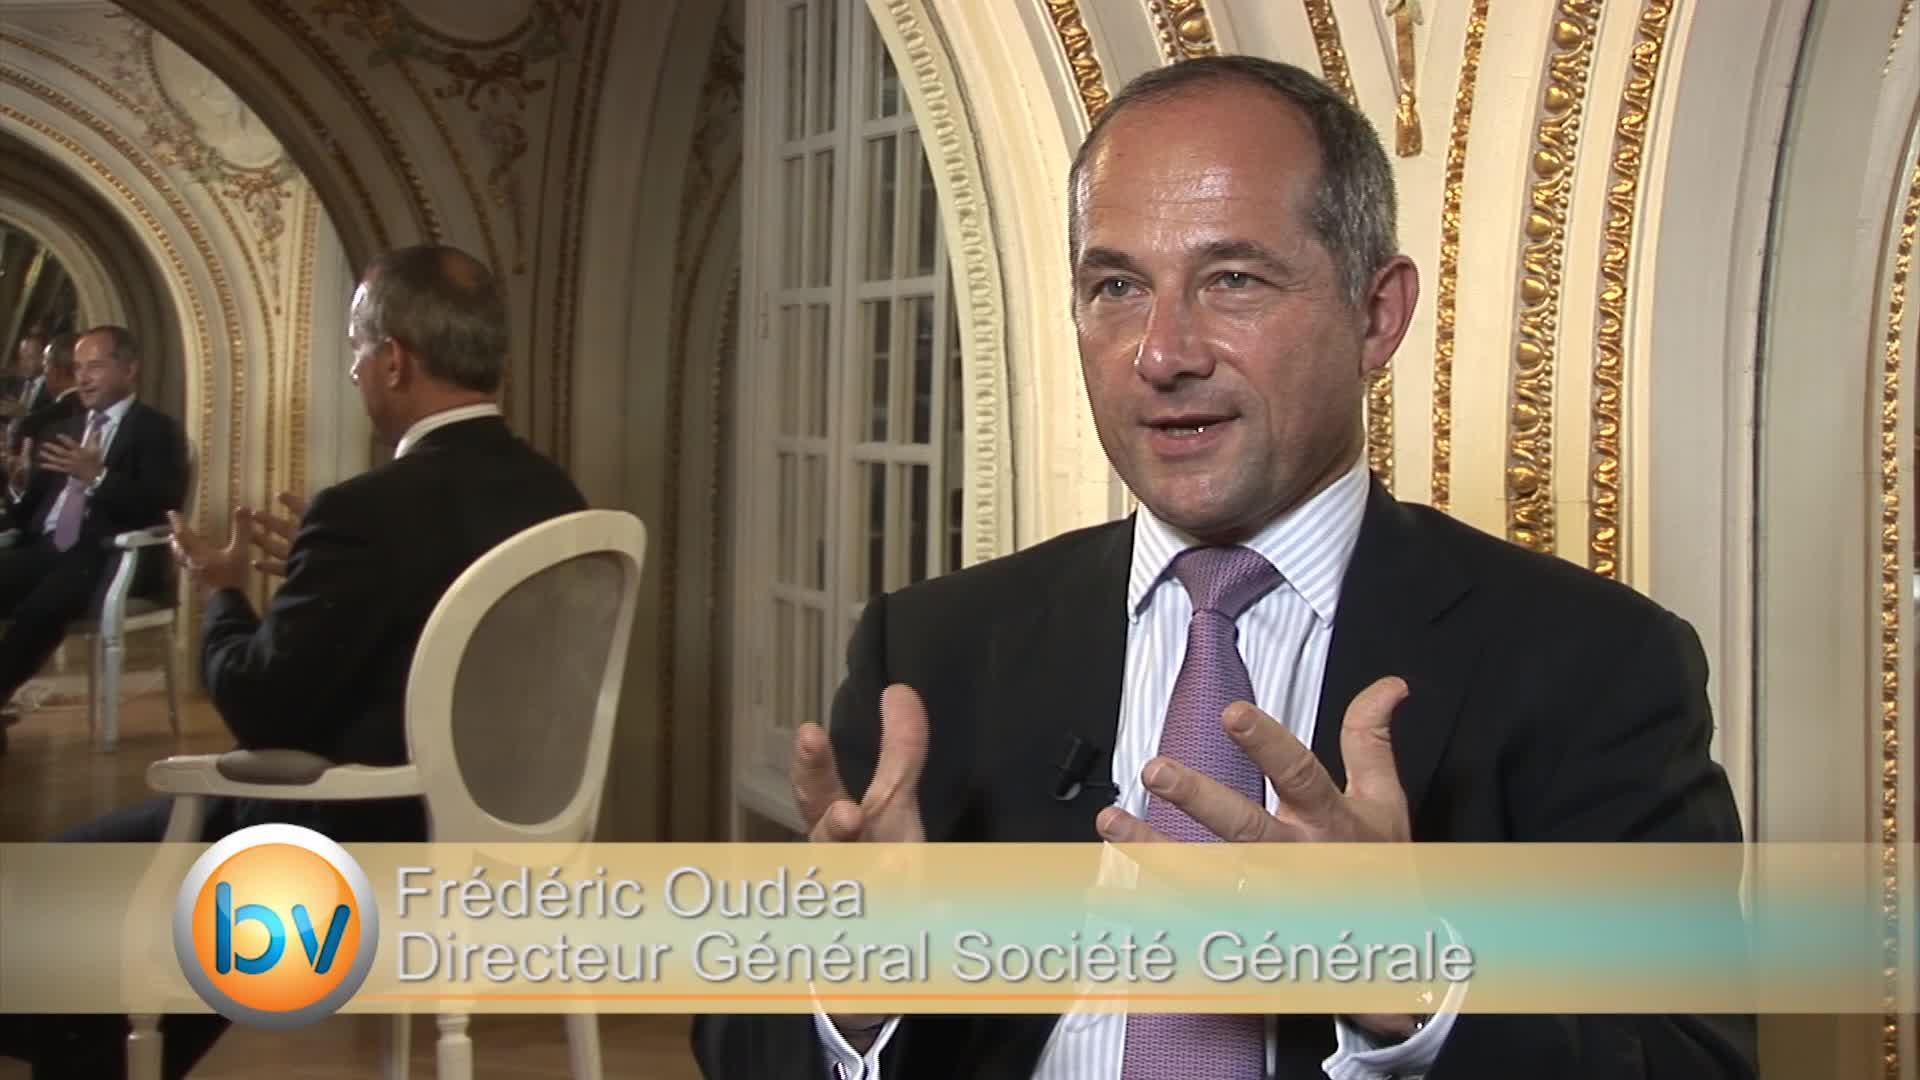 """Frédéric Oudéa Directeur Général Société Générale : """"Le défi de toutes les banques c'est l'adaptation au numérique"""""""